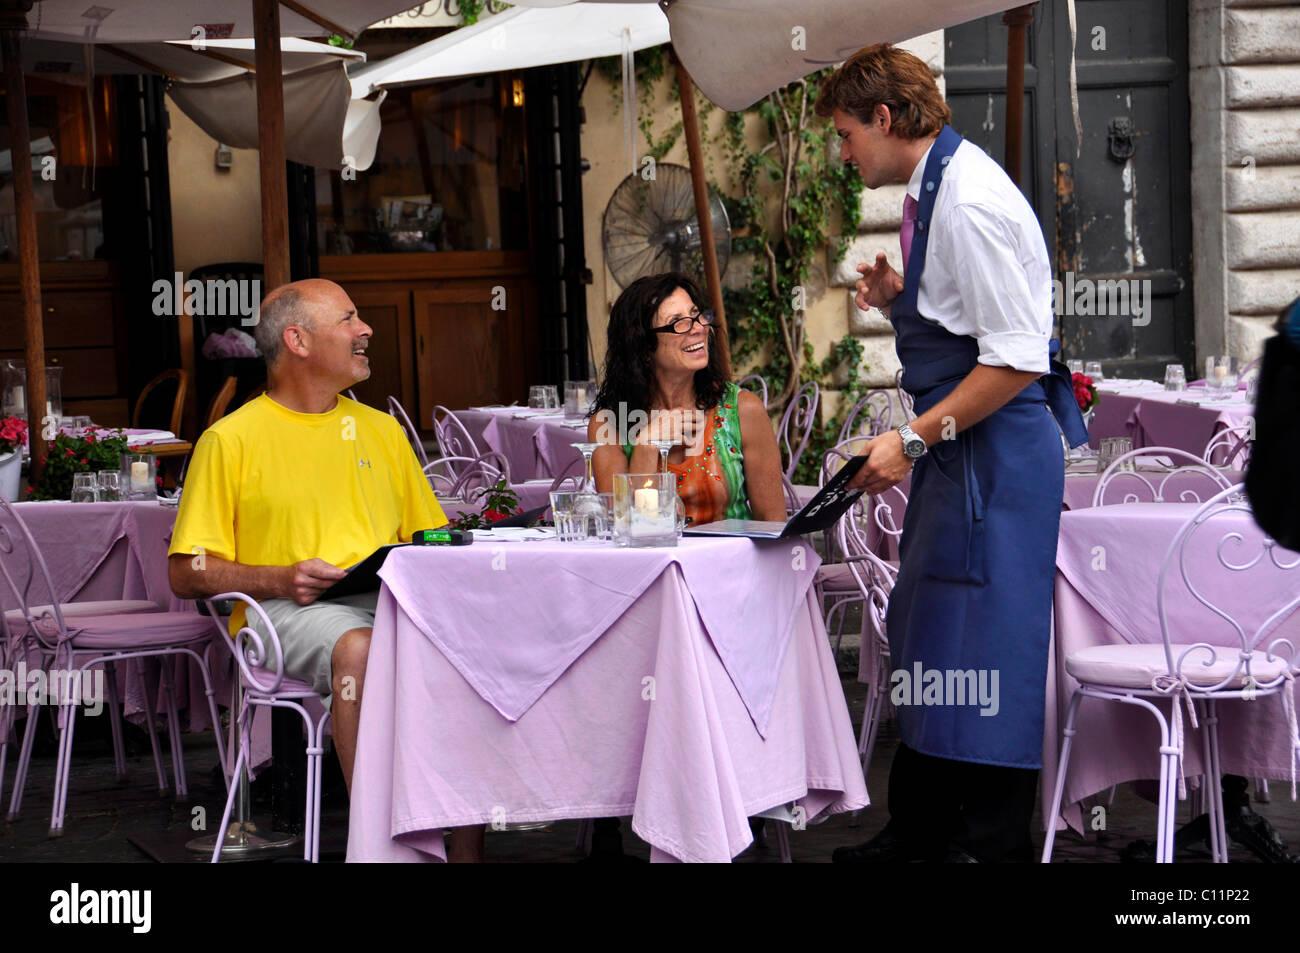 Waiter, guests, Ristorante La Dolce Vita restaurant, Piazza Navona square, Rome, Lazio, Italy, Europe - Stock Image